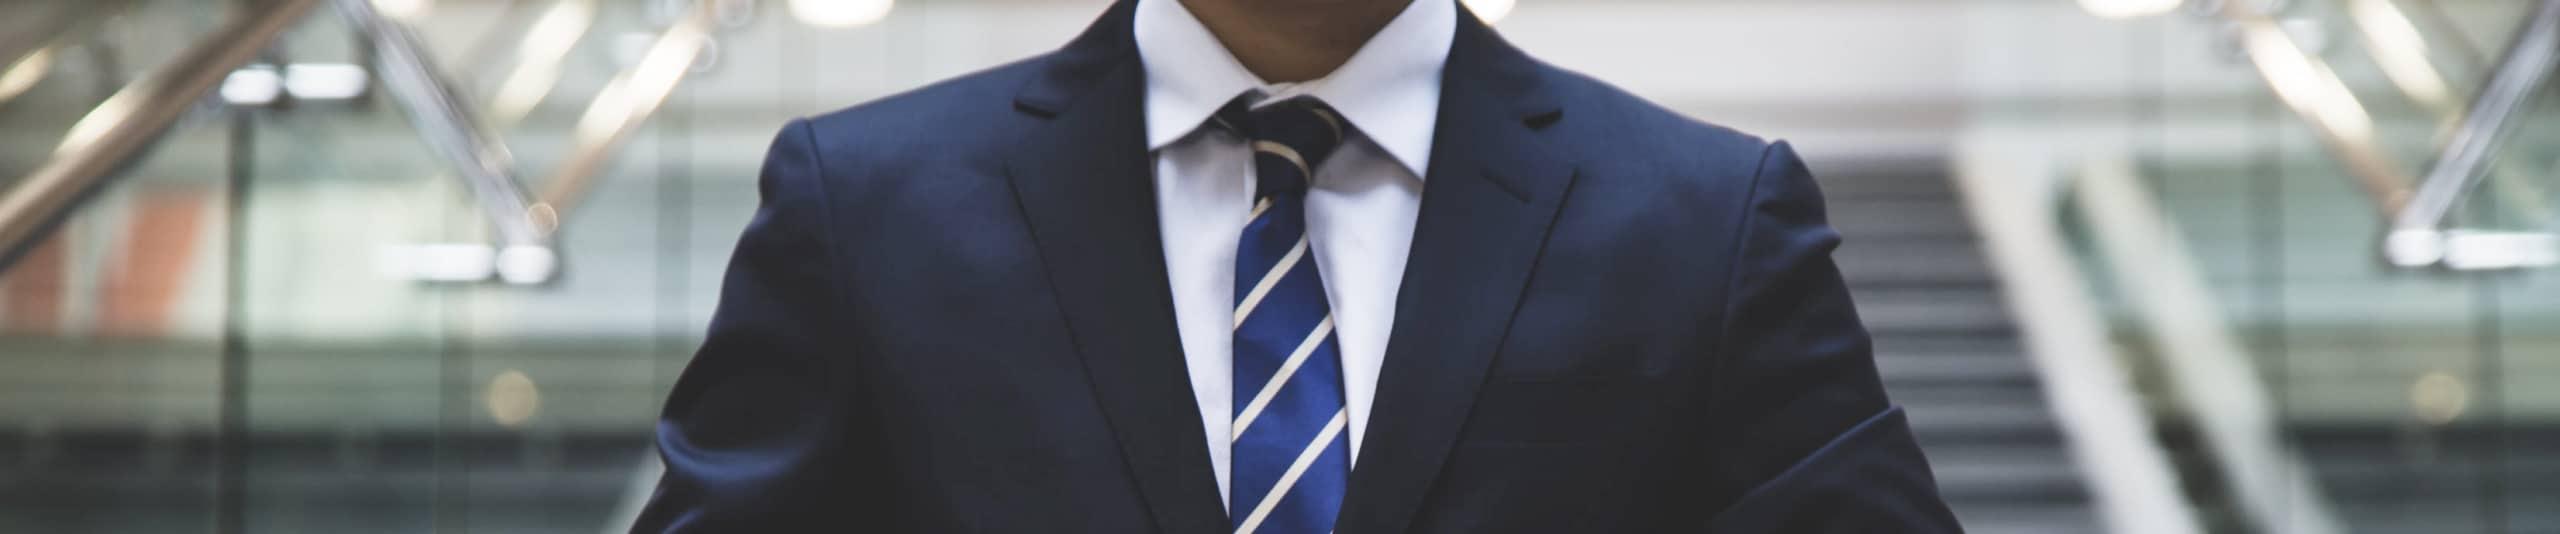 Seguro gestores e comerciais: o seguro que o ajuda a gerir qualquer imprevisto